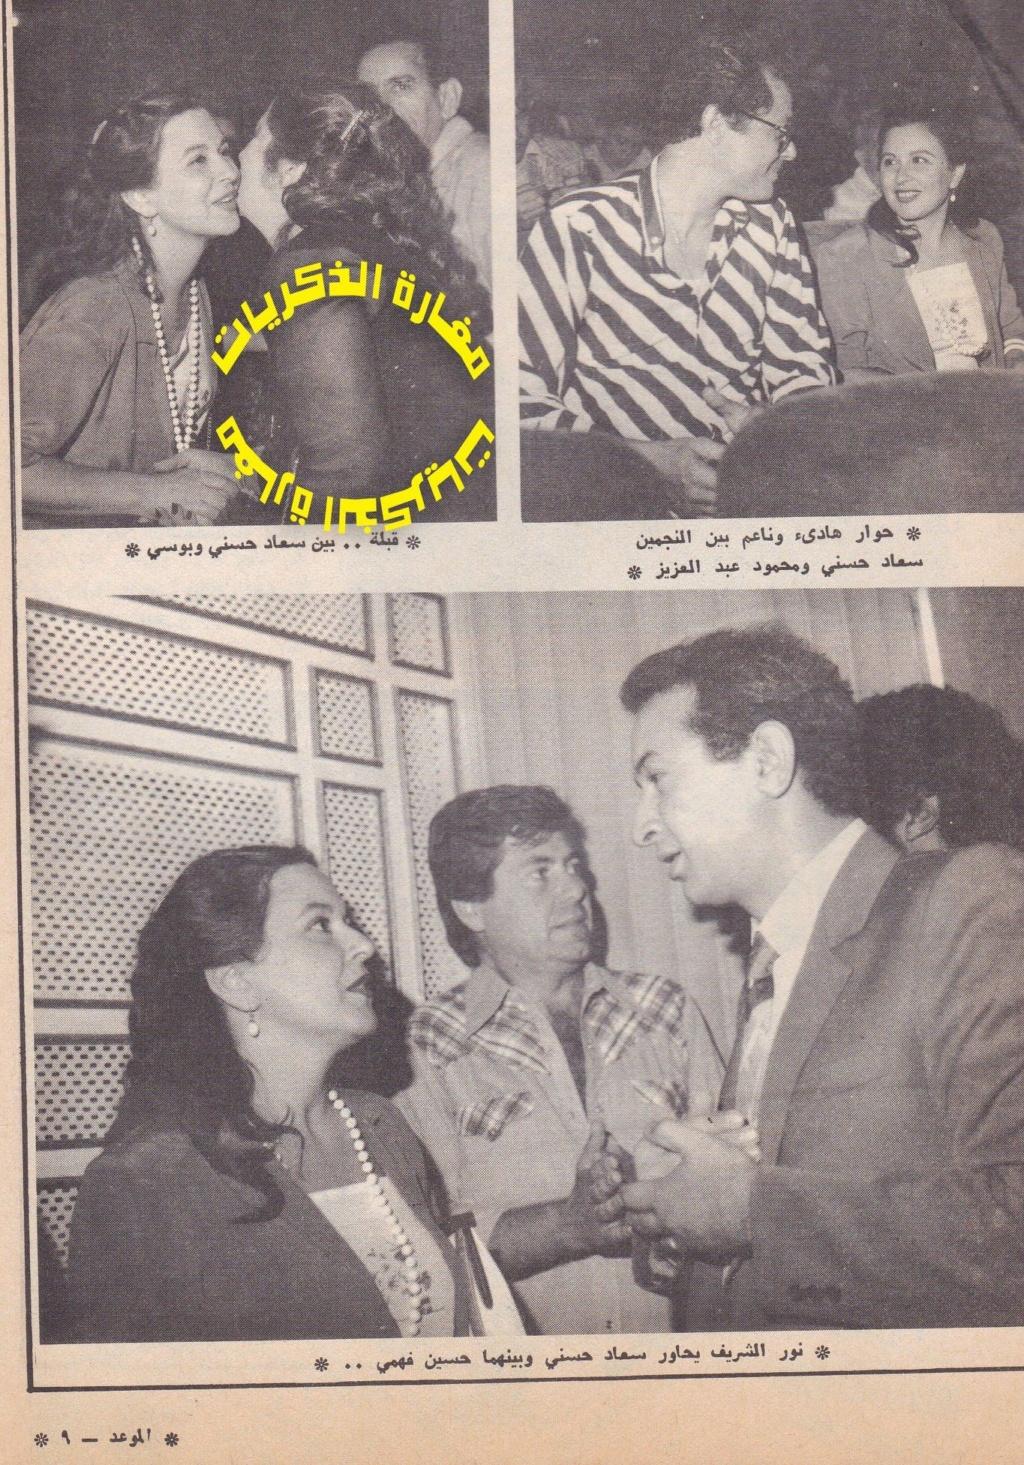 صحفي - خبر صحفي : مظاهرة .. حول سعاد حسني ! 1981 م 229